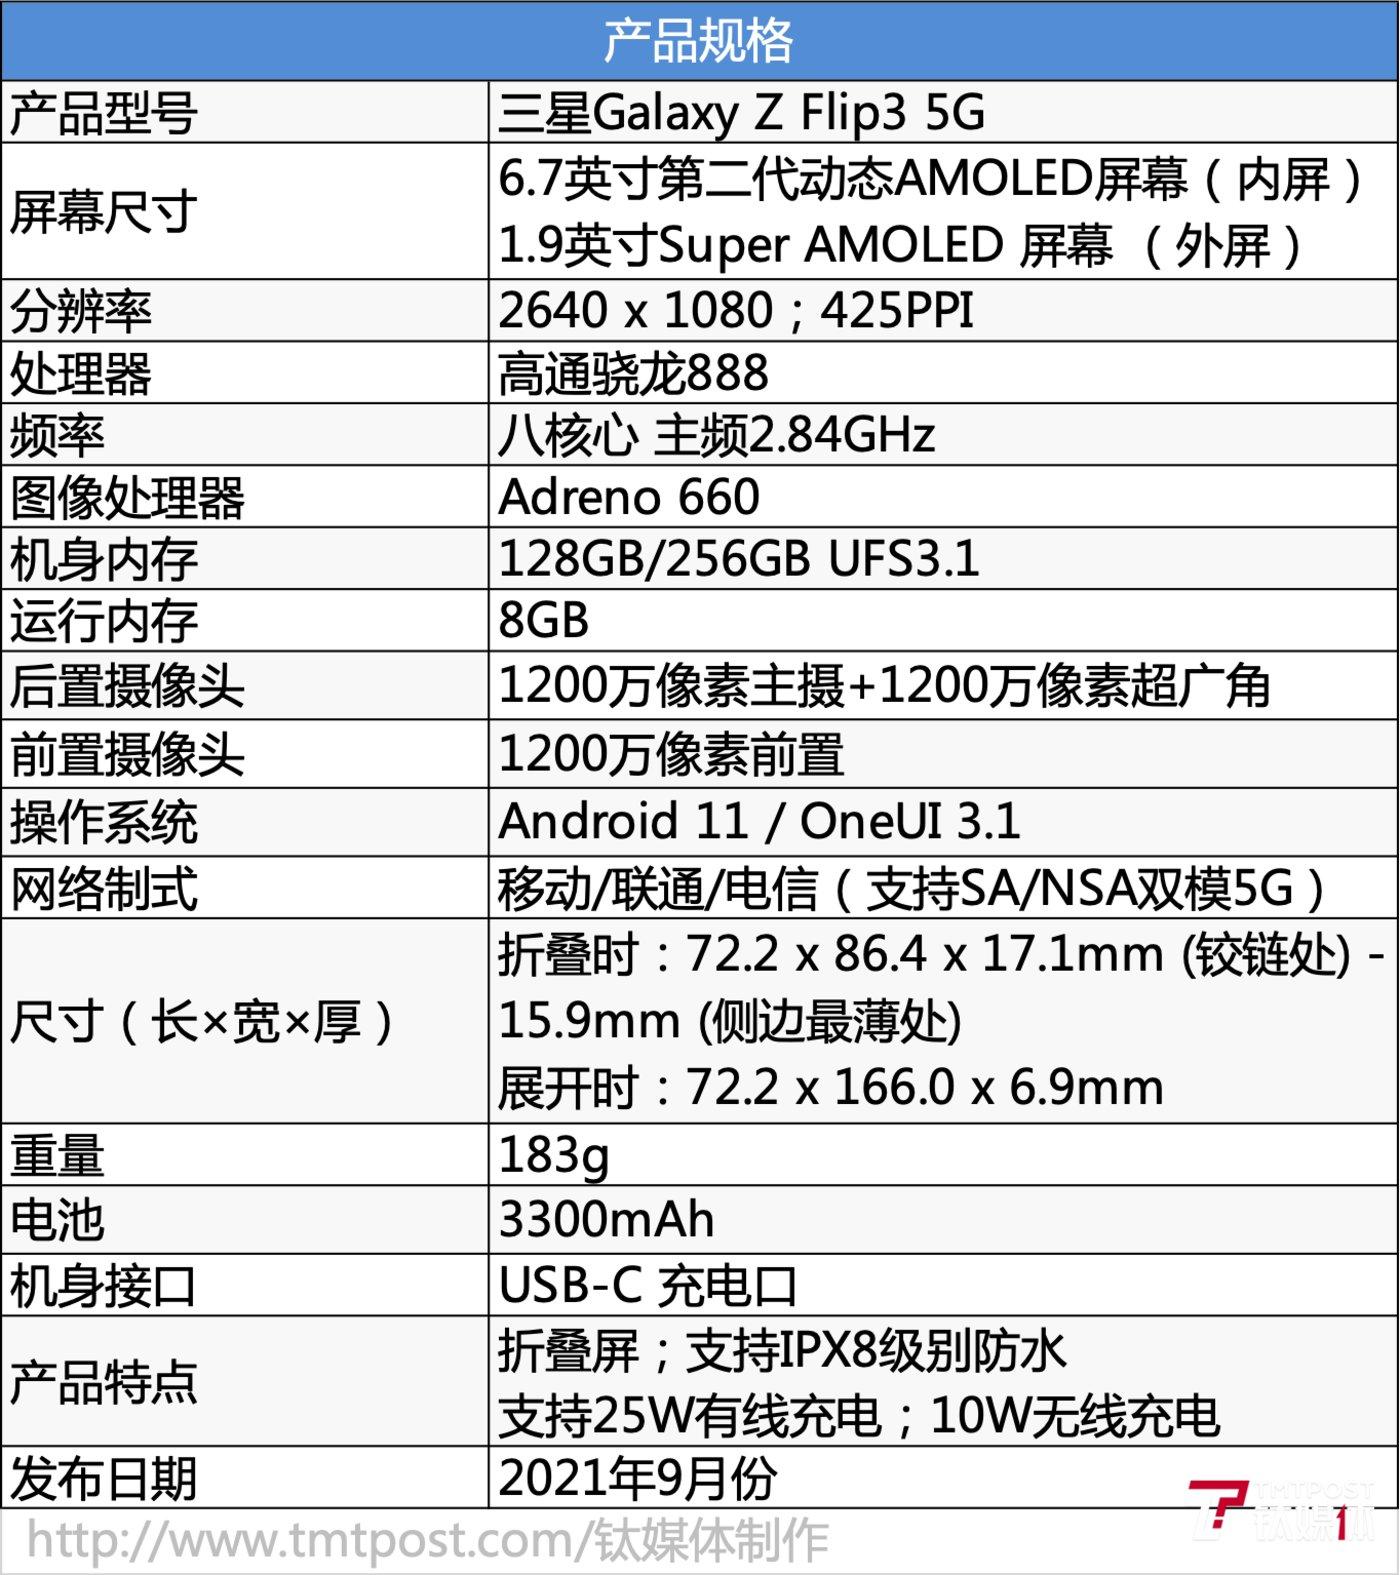 Galaxy Z Flip3 5G参数一览